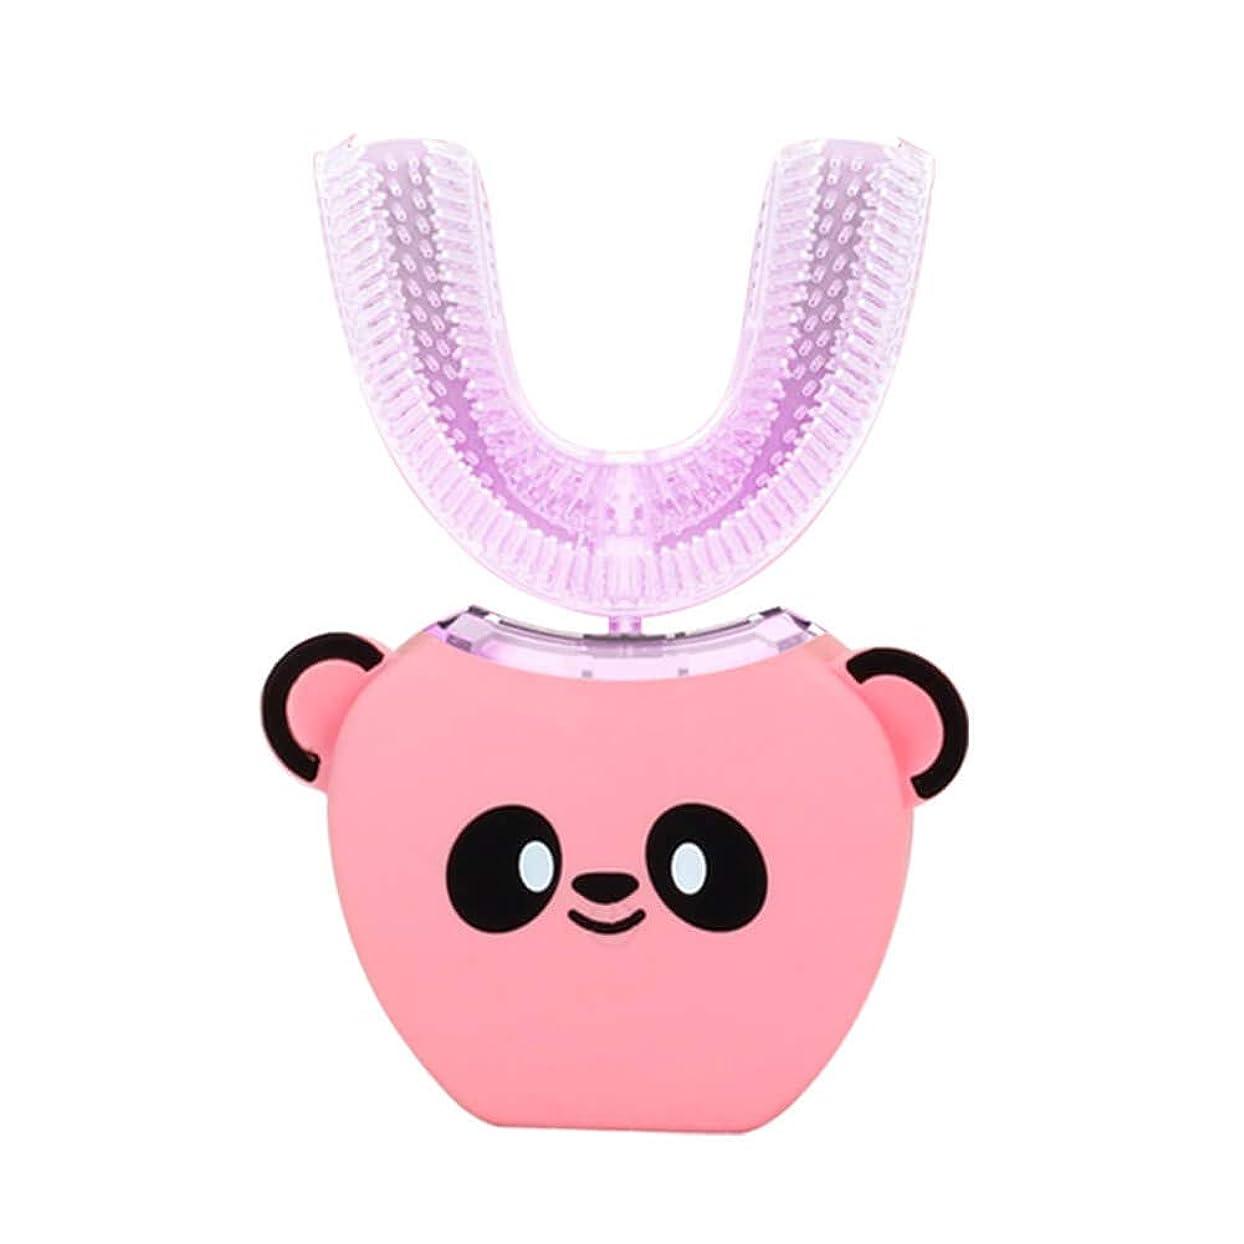 鷲大学生動力学電動歯ブラシ 360°超音波ホワイトニング IPX7防水自動マウスクリーナー子供のための ピンク